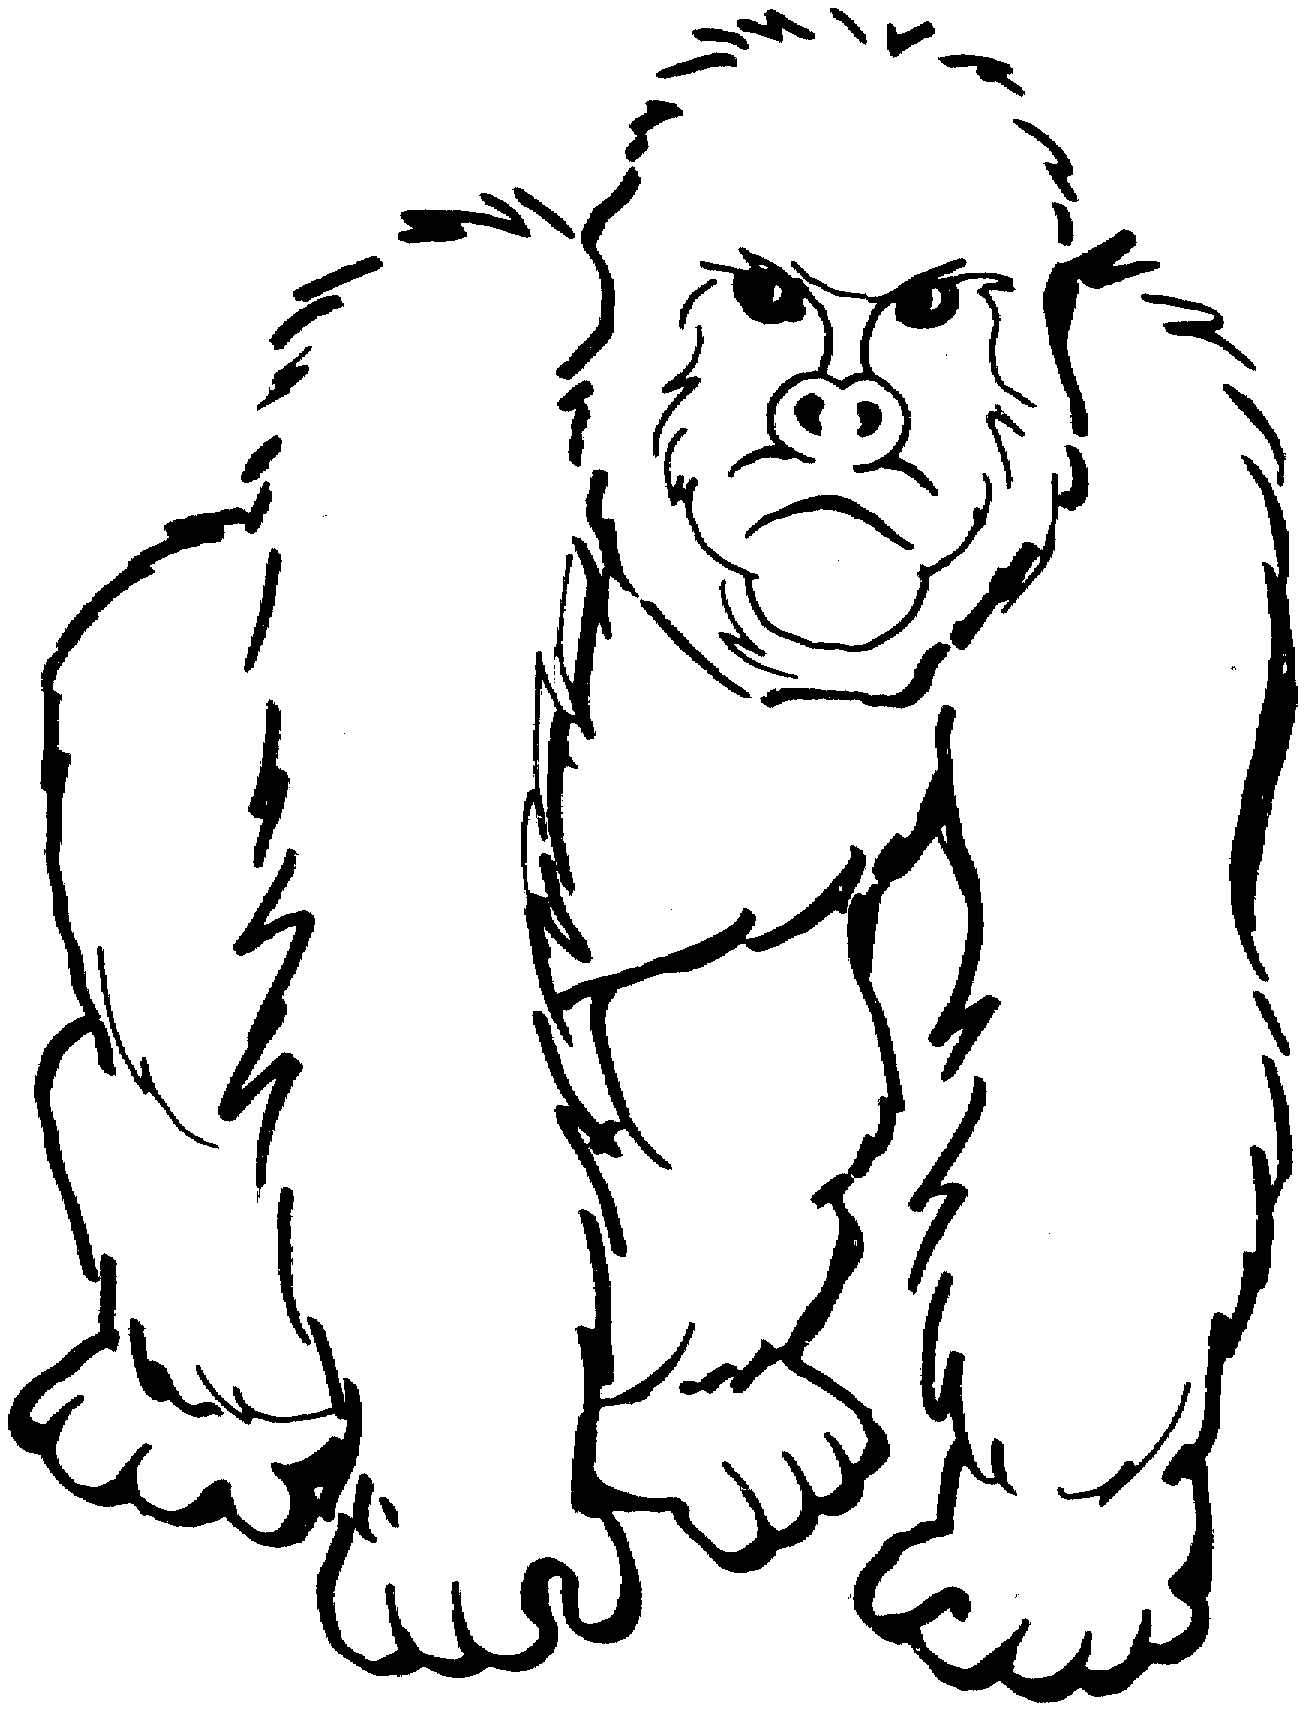 Gorille (Animaux) – Coloriages À Imprimer pour Coloriage Gorille